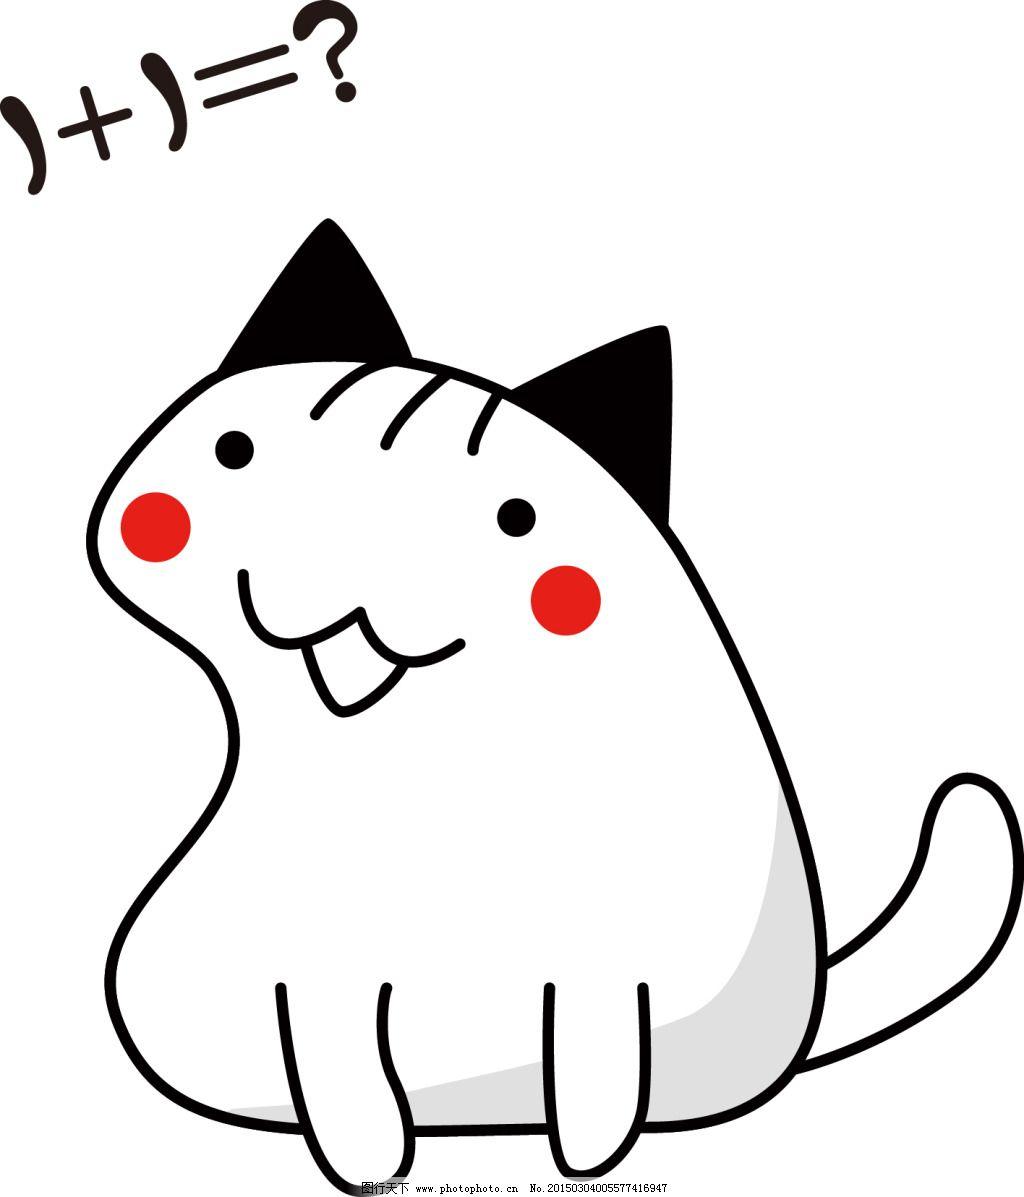 猫咪简笔画图片